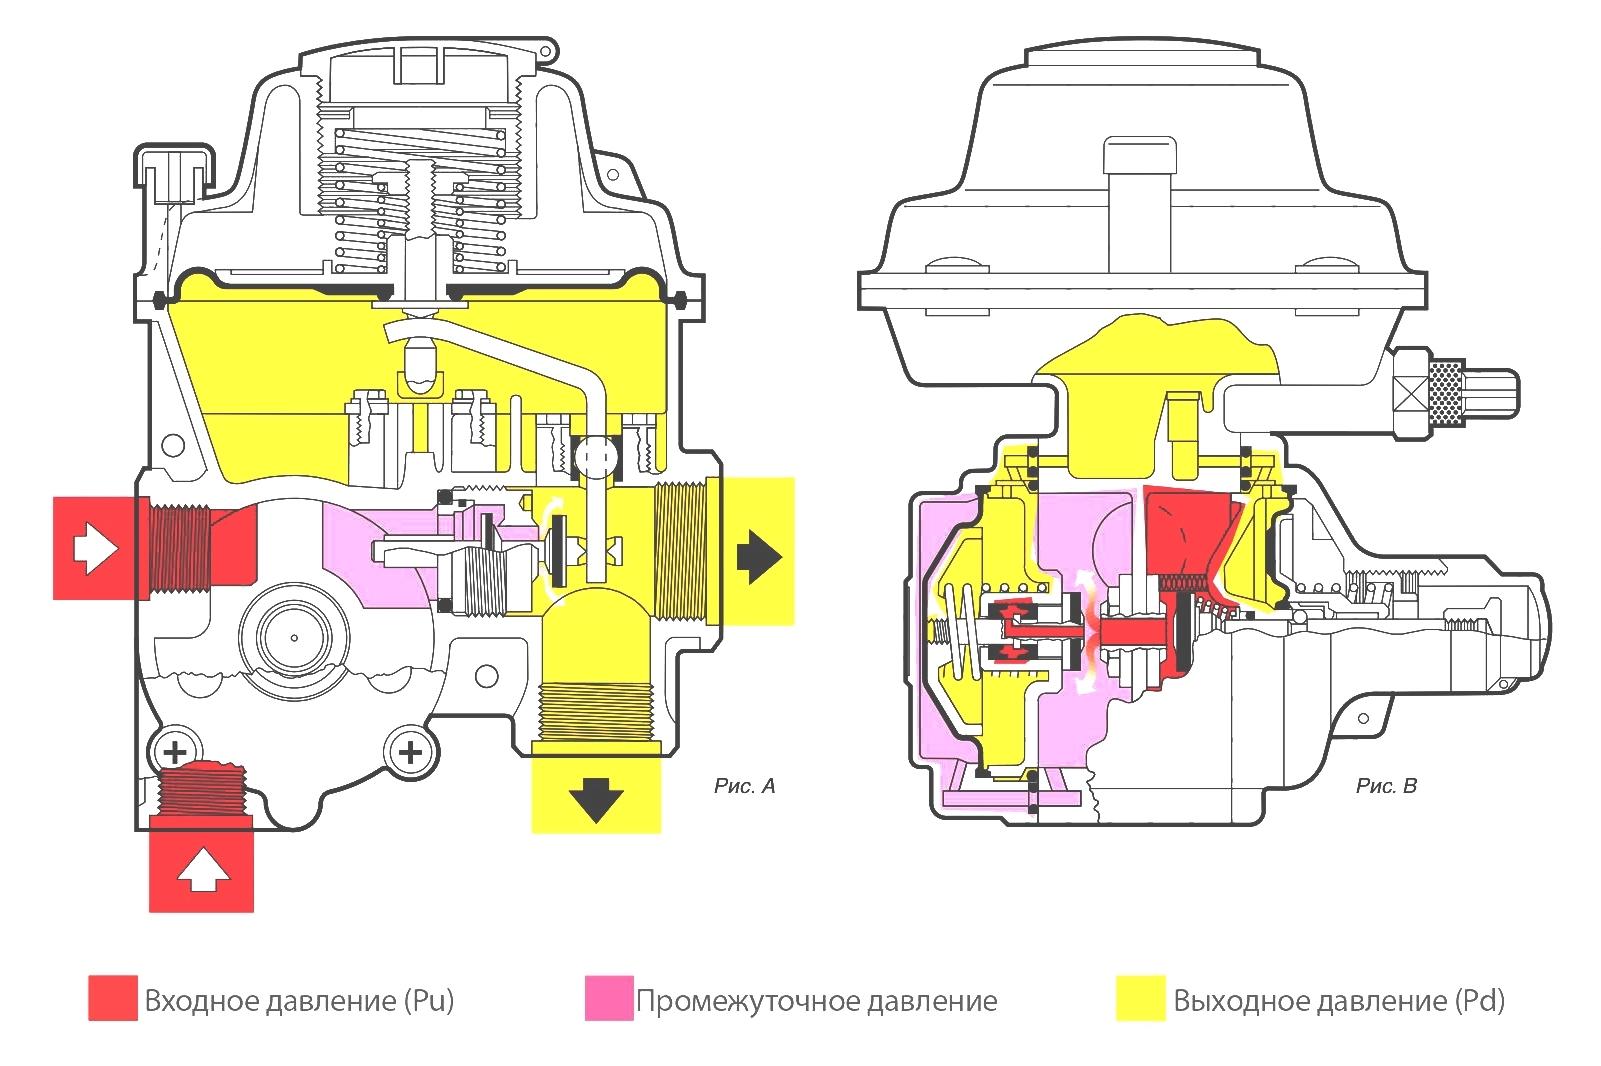 Регуляторы давления газа Fiorentini / Фиорентини